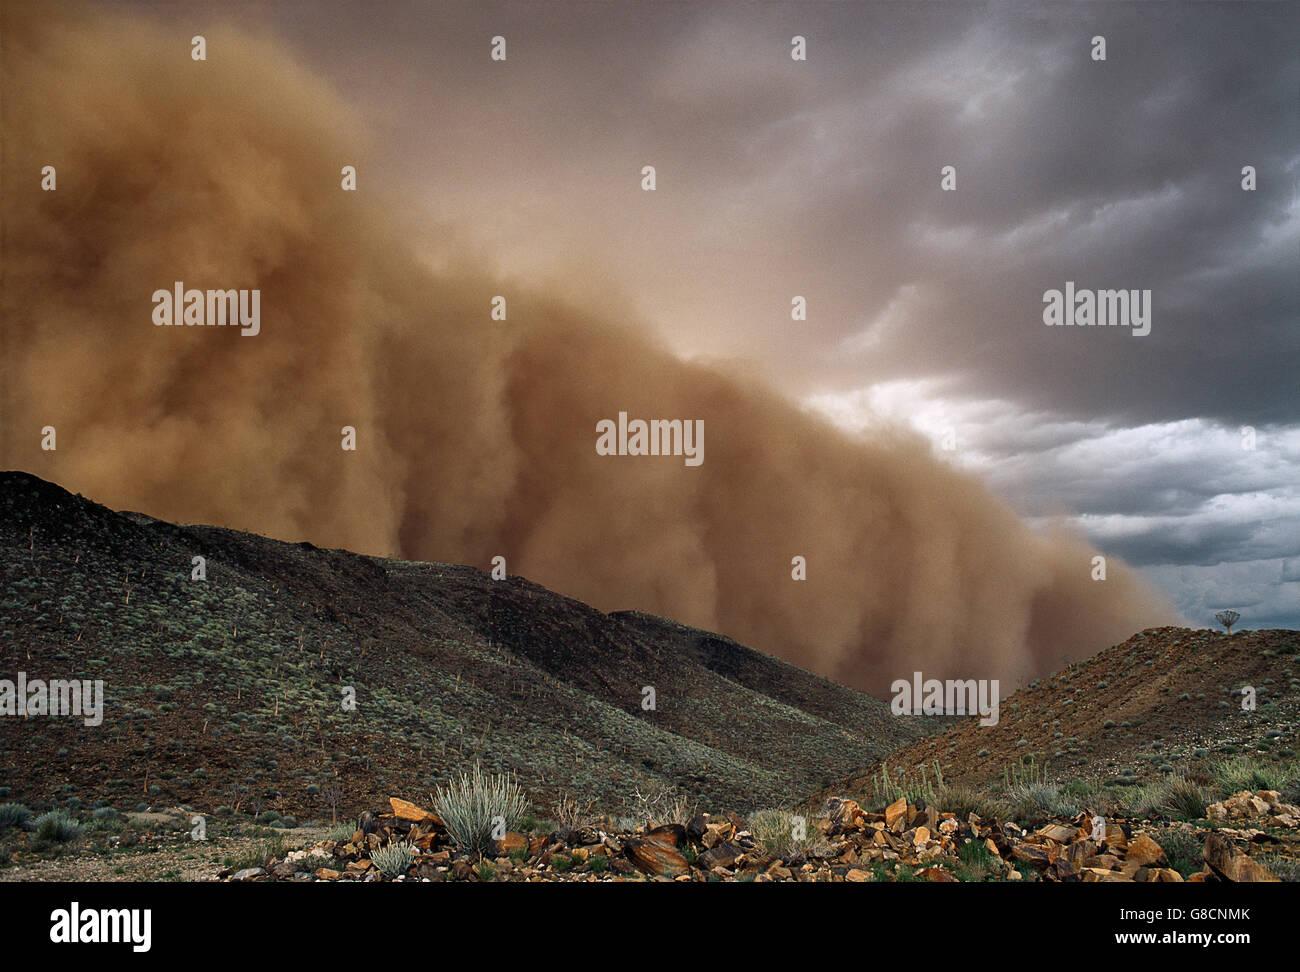 Sandsturm, Namib-Wüste, Namibia. Stockbild